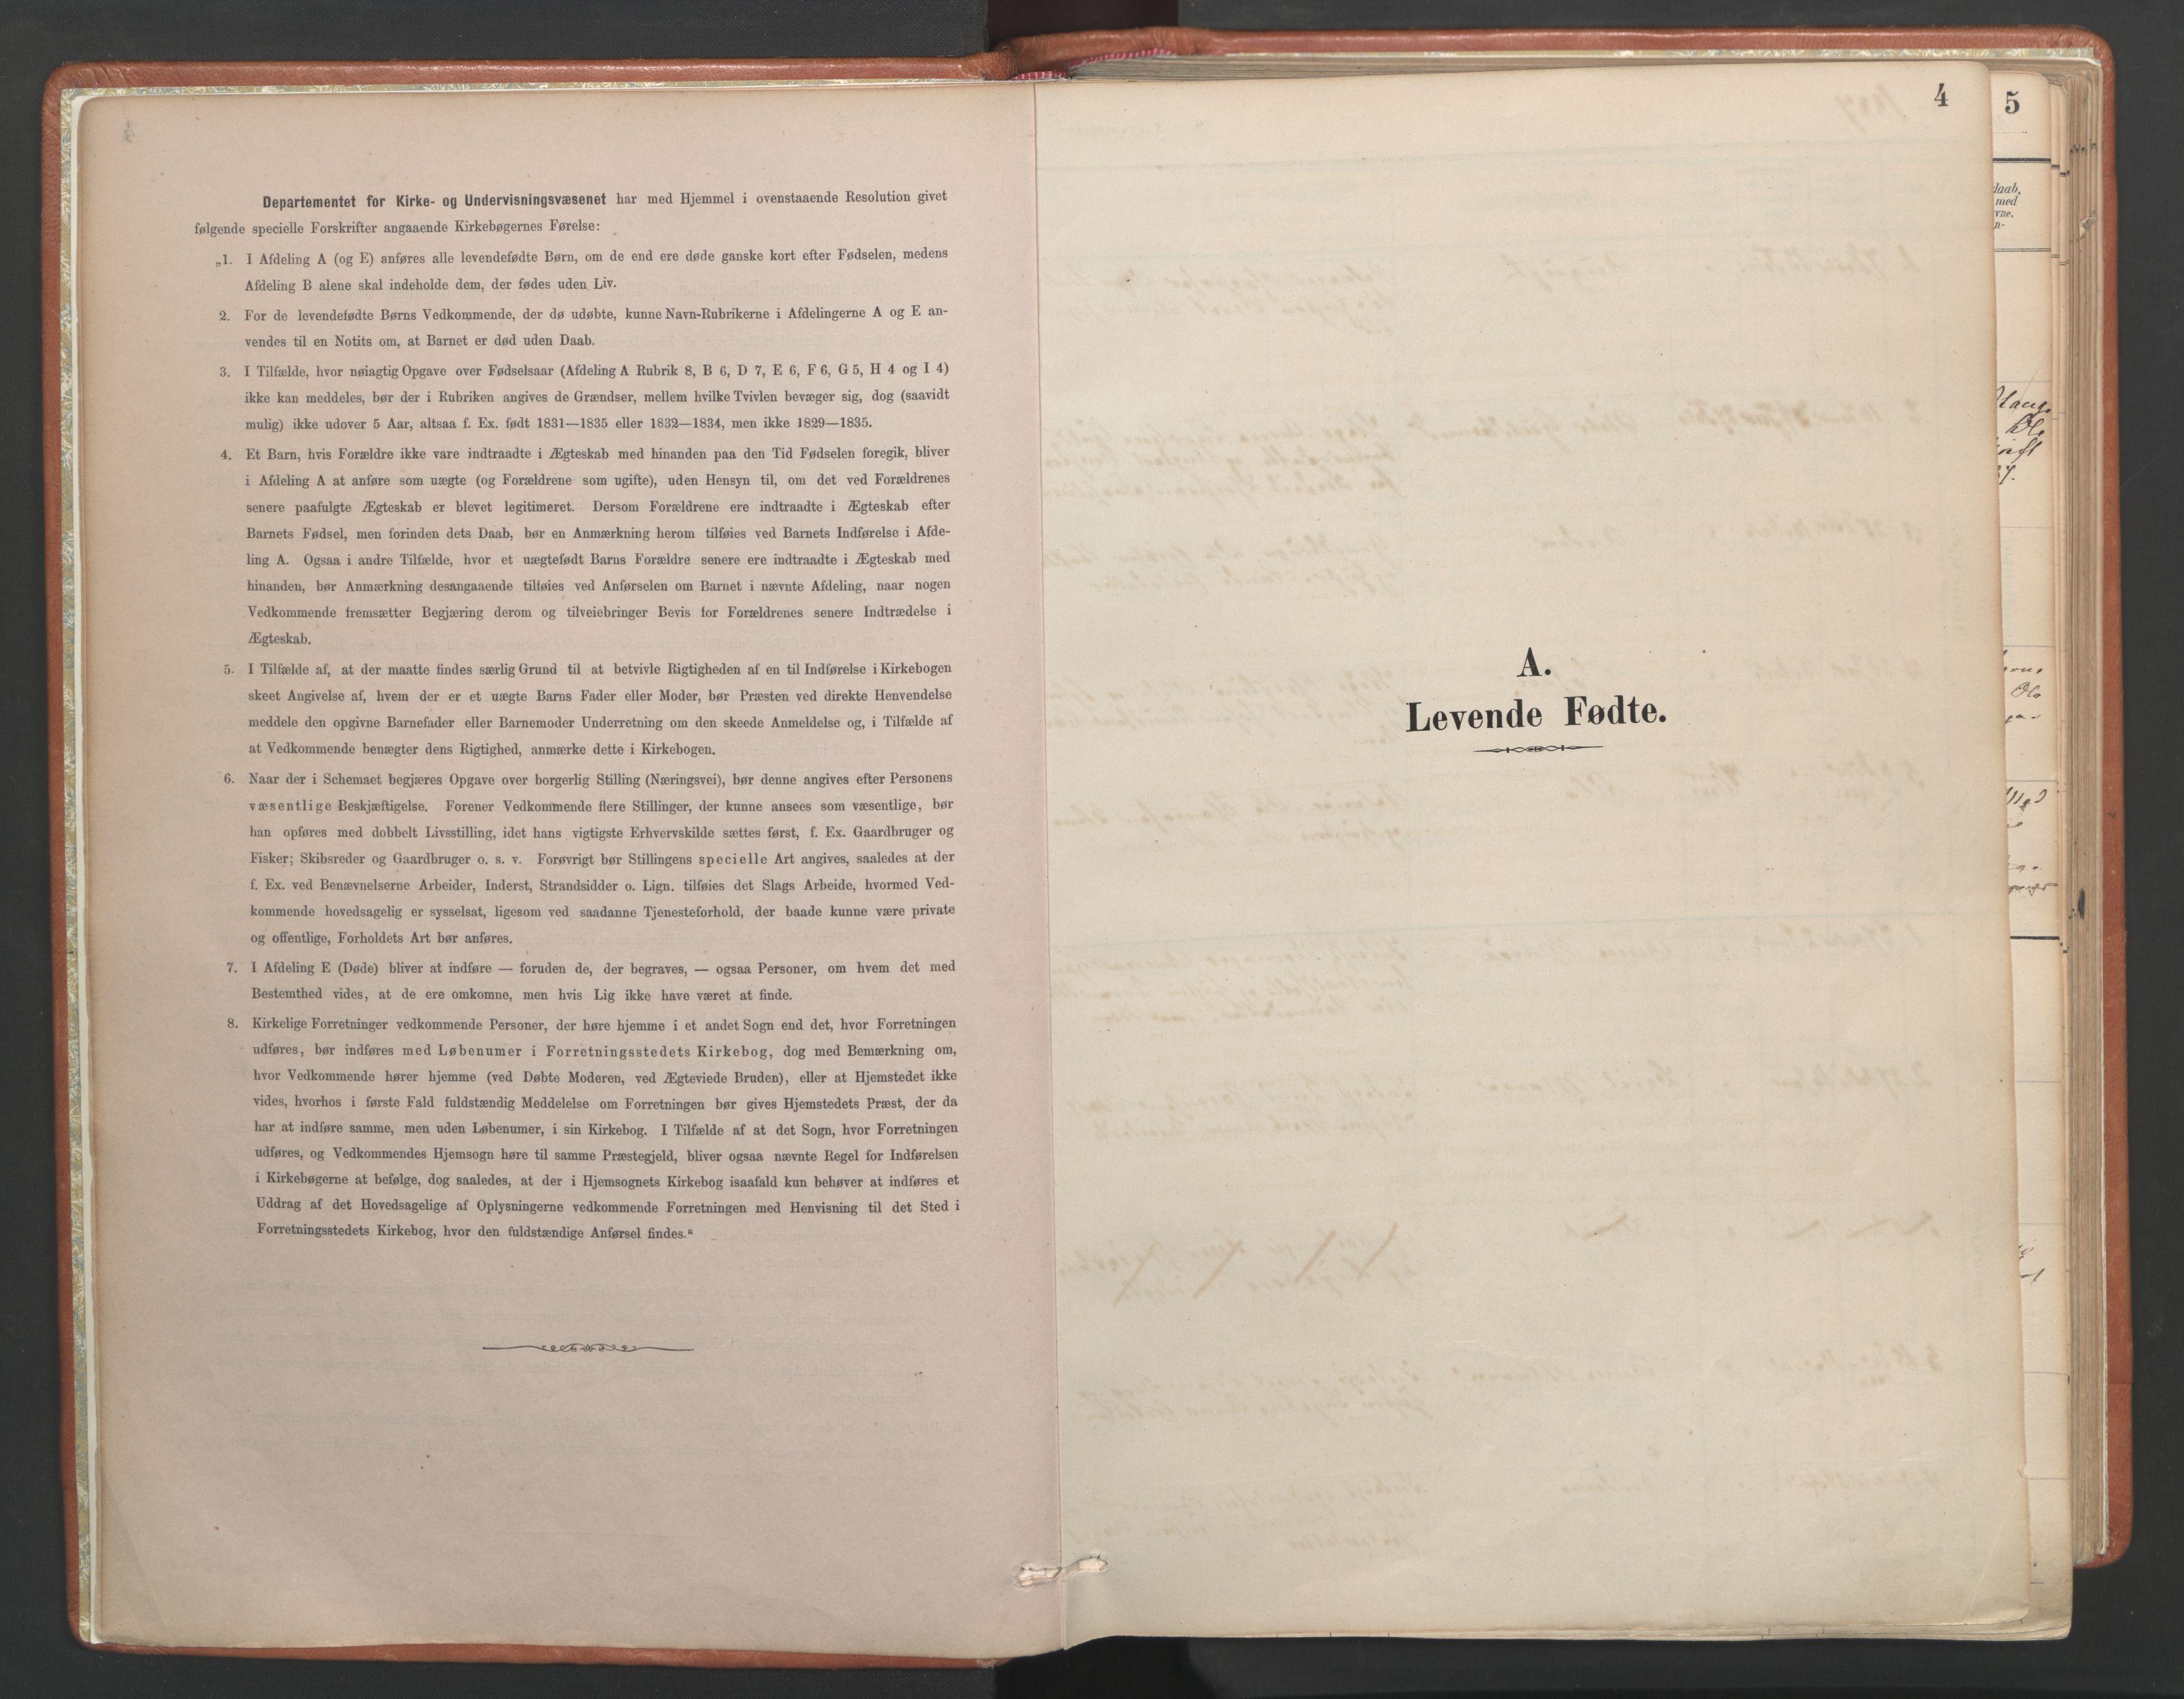 SAT, Ministerialprotokoller, klokkerbøker og fødselsregistre - Møre og Romsdal, 557/L0682: Ministerialbok nr. 557A04, 1887-1970, s. 4